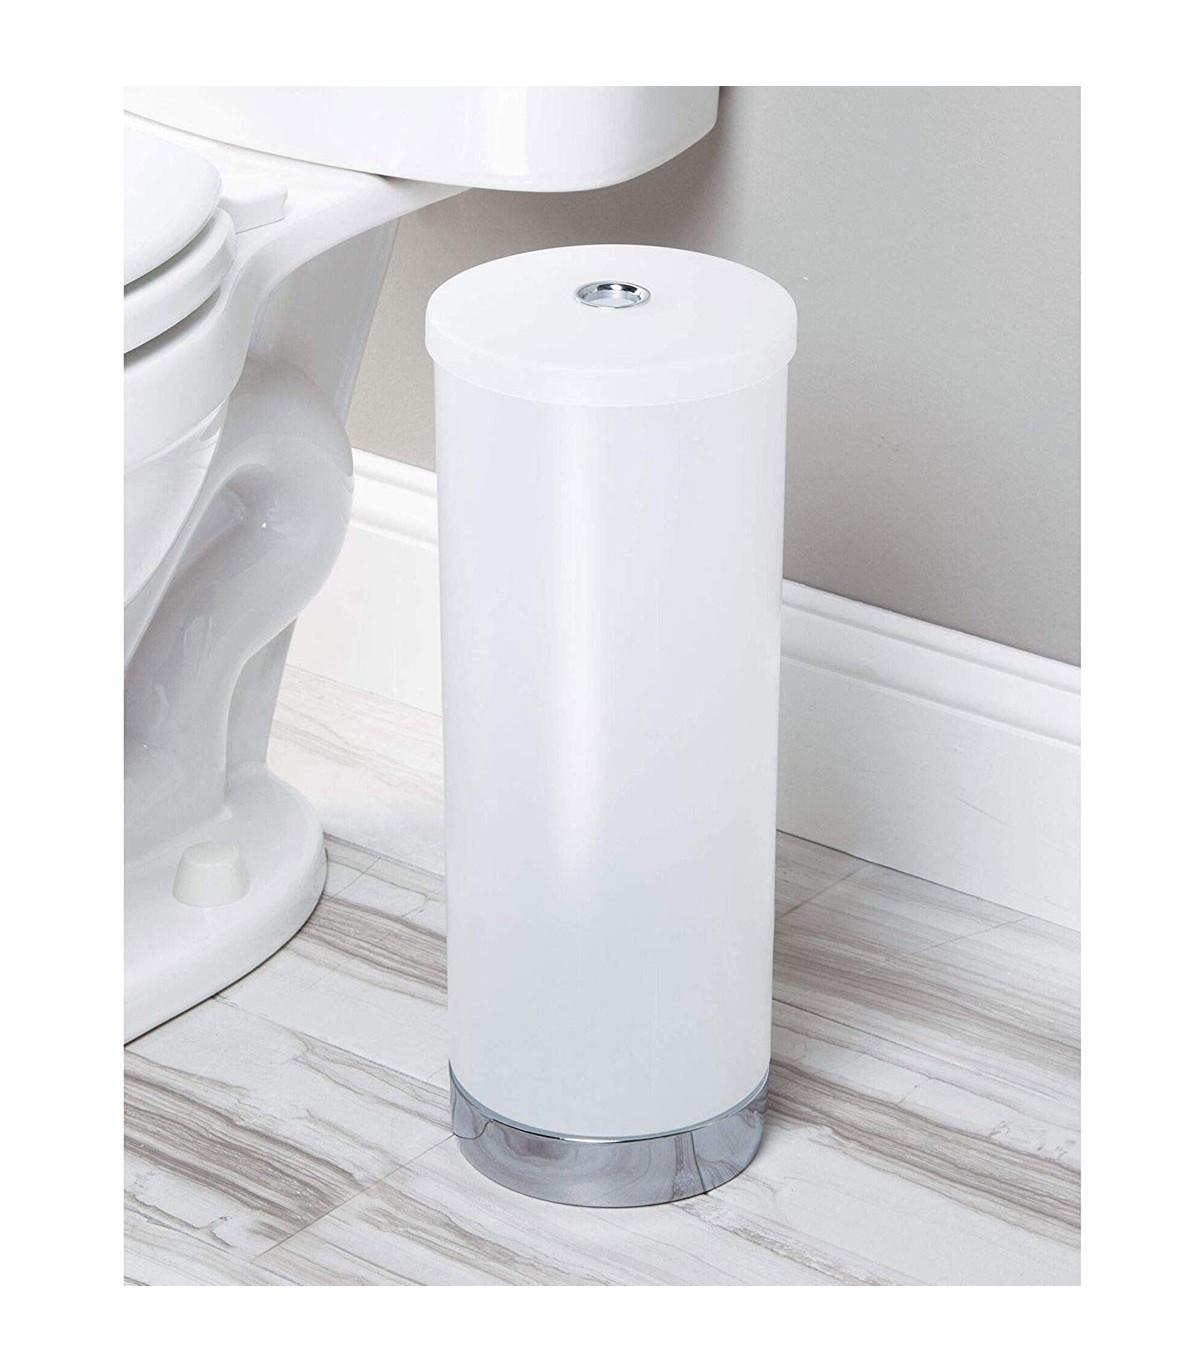 Boite Rangement Papier Wc porte papier toilette en plastique blanc